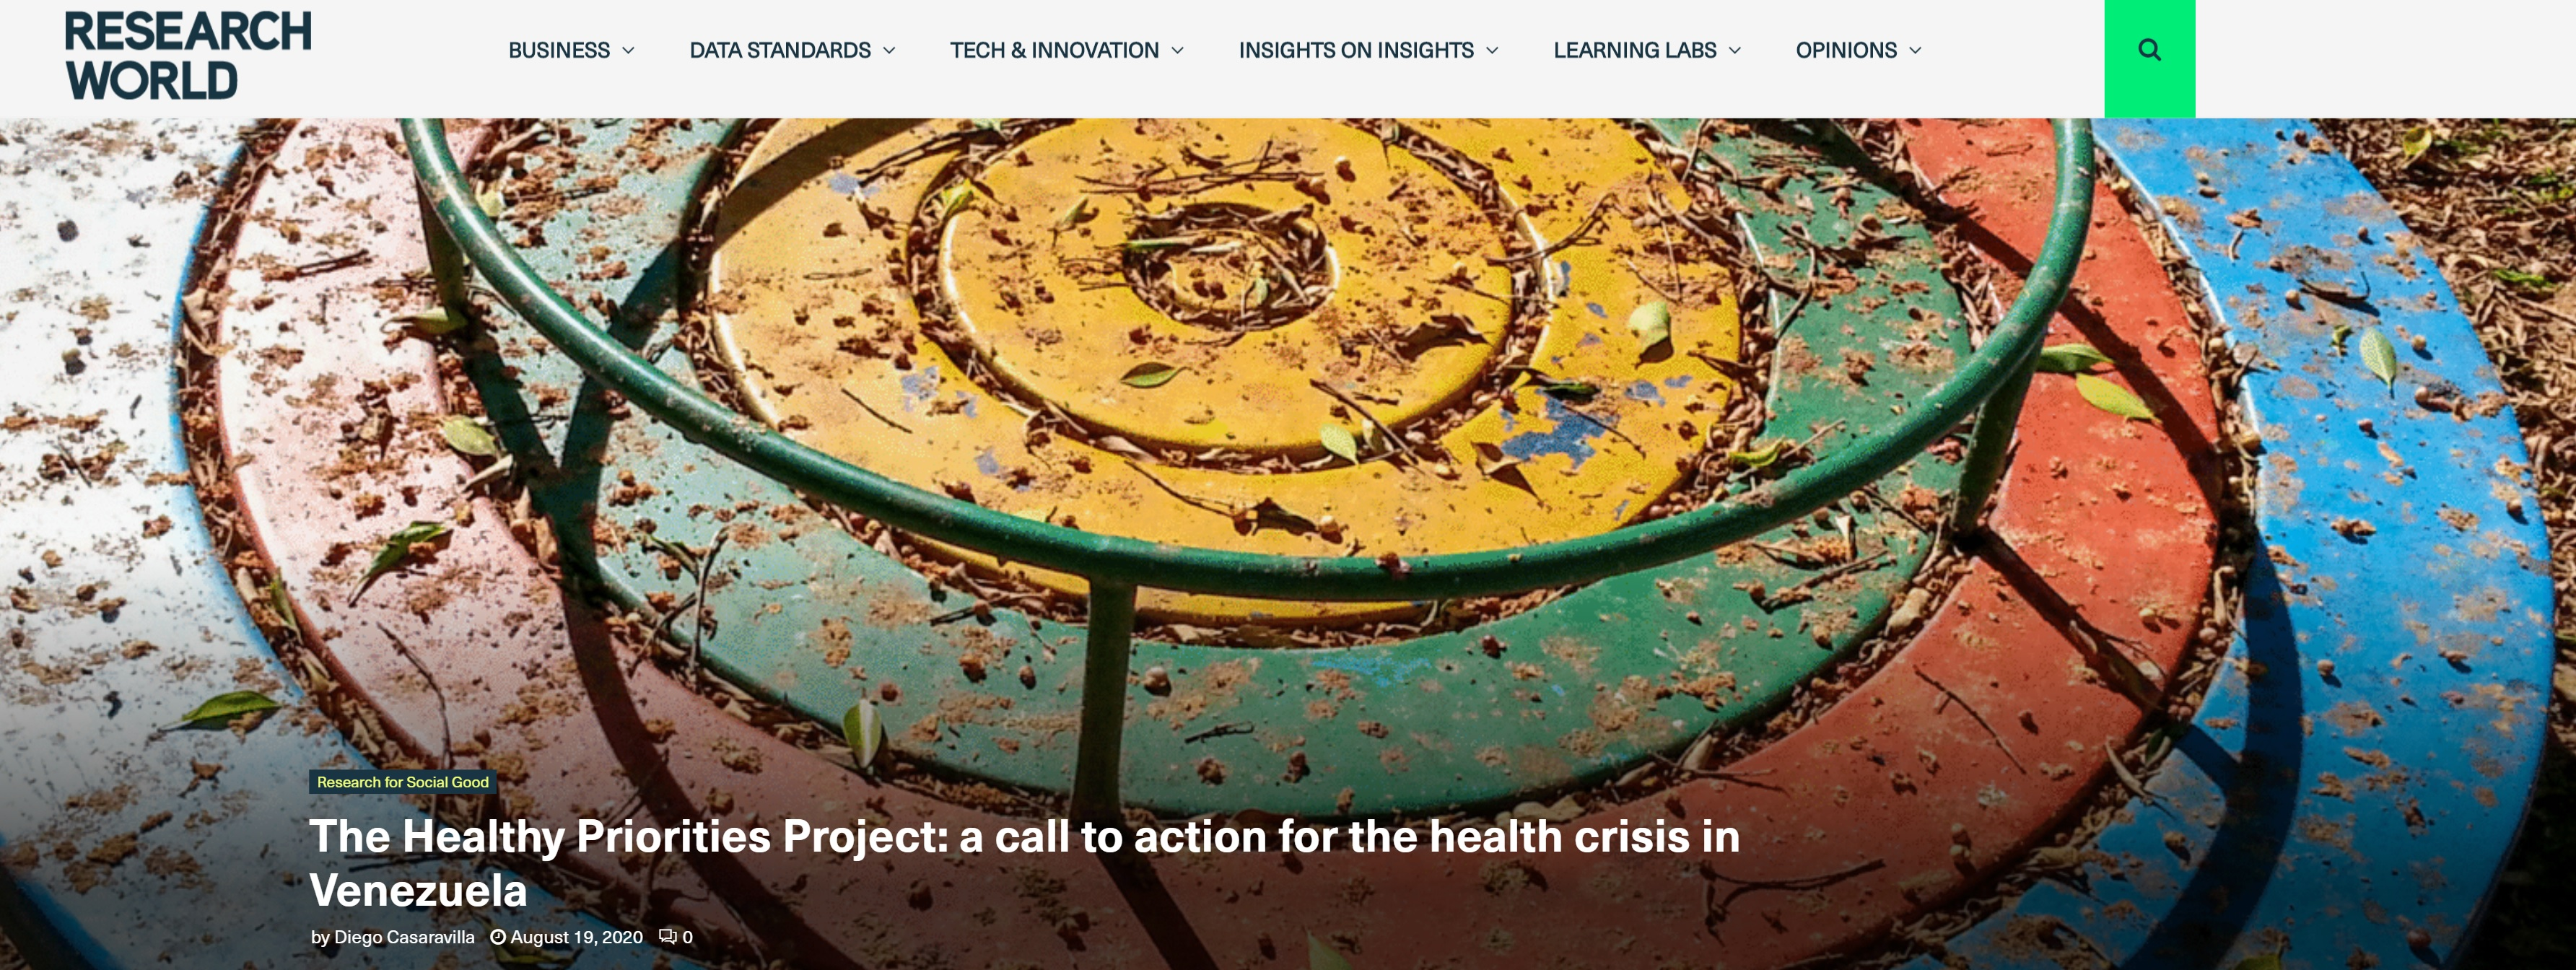 Estudo desenvolvido pela Fine Panel para a Save the Children identifica os principais desafios da saúde na Venezuela